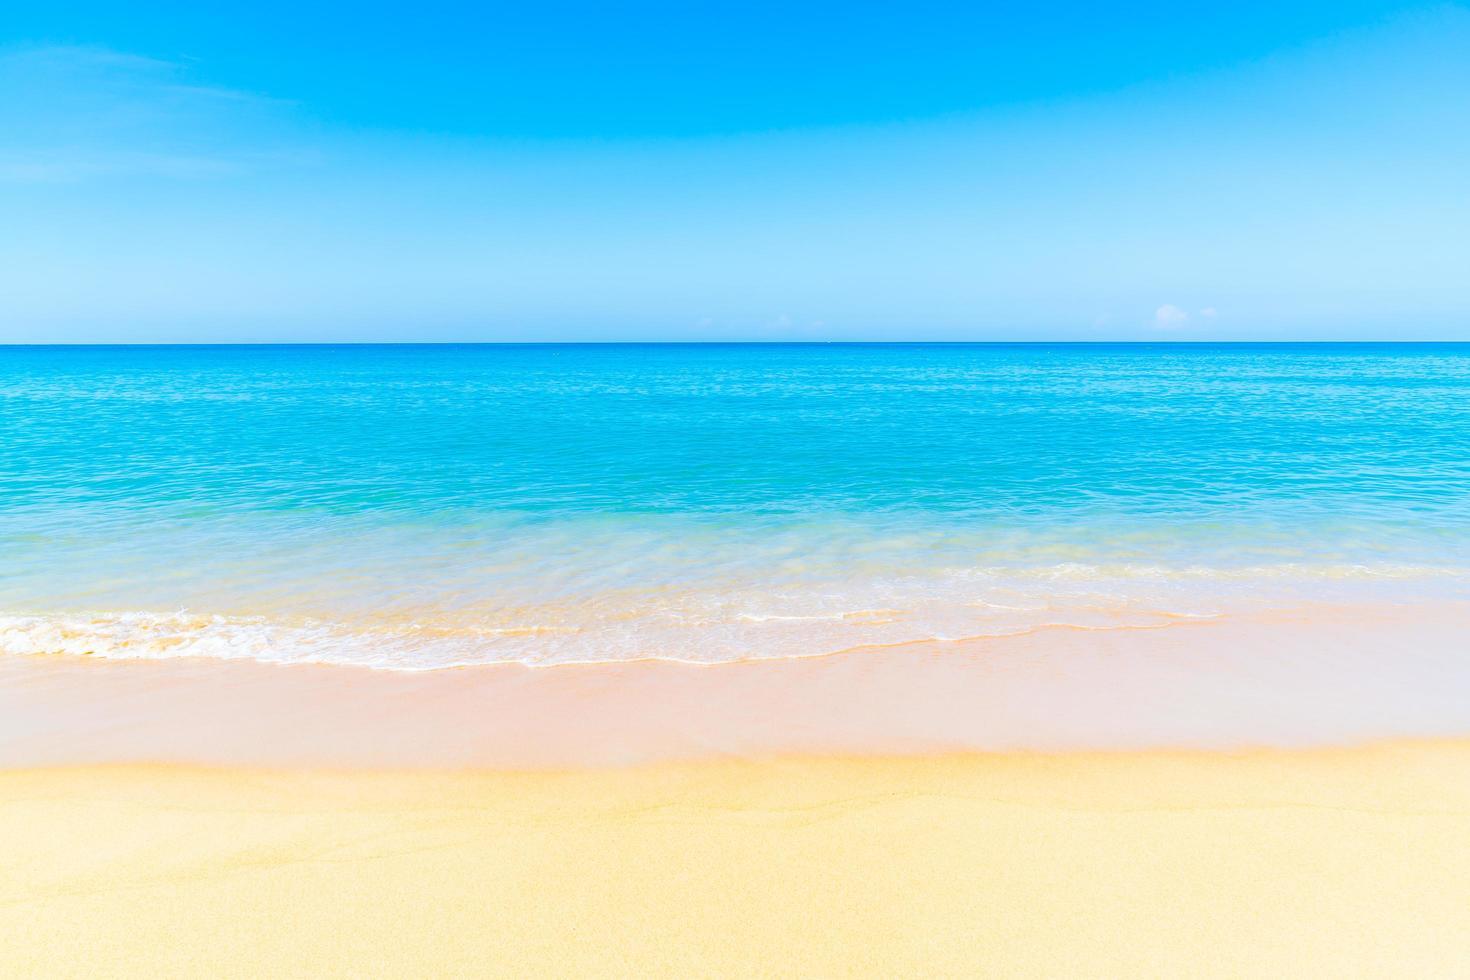 hermosa playa de arena y mar foto